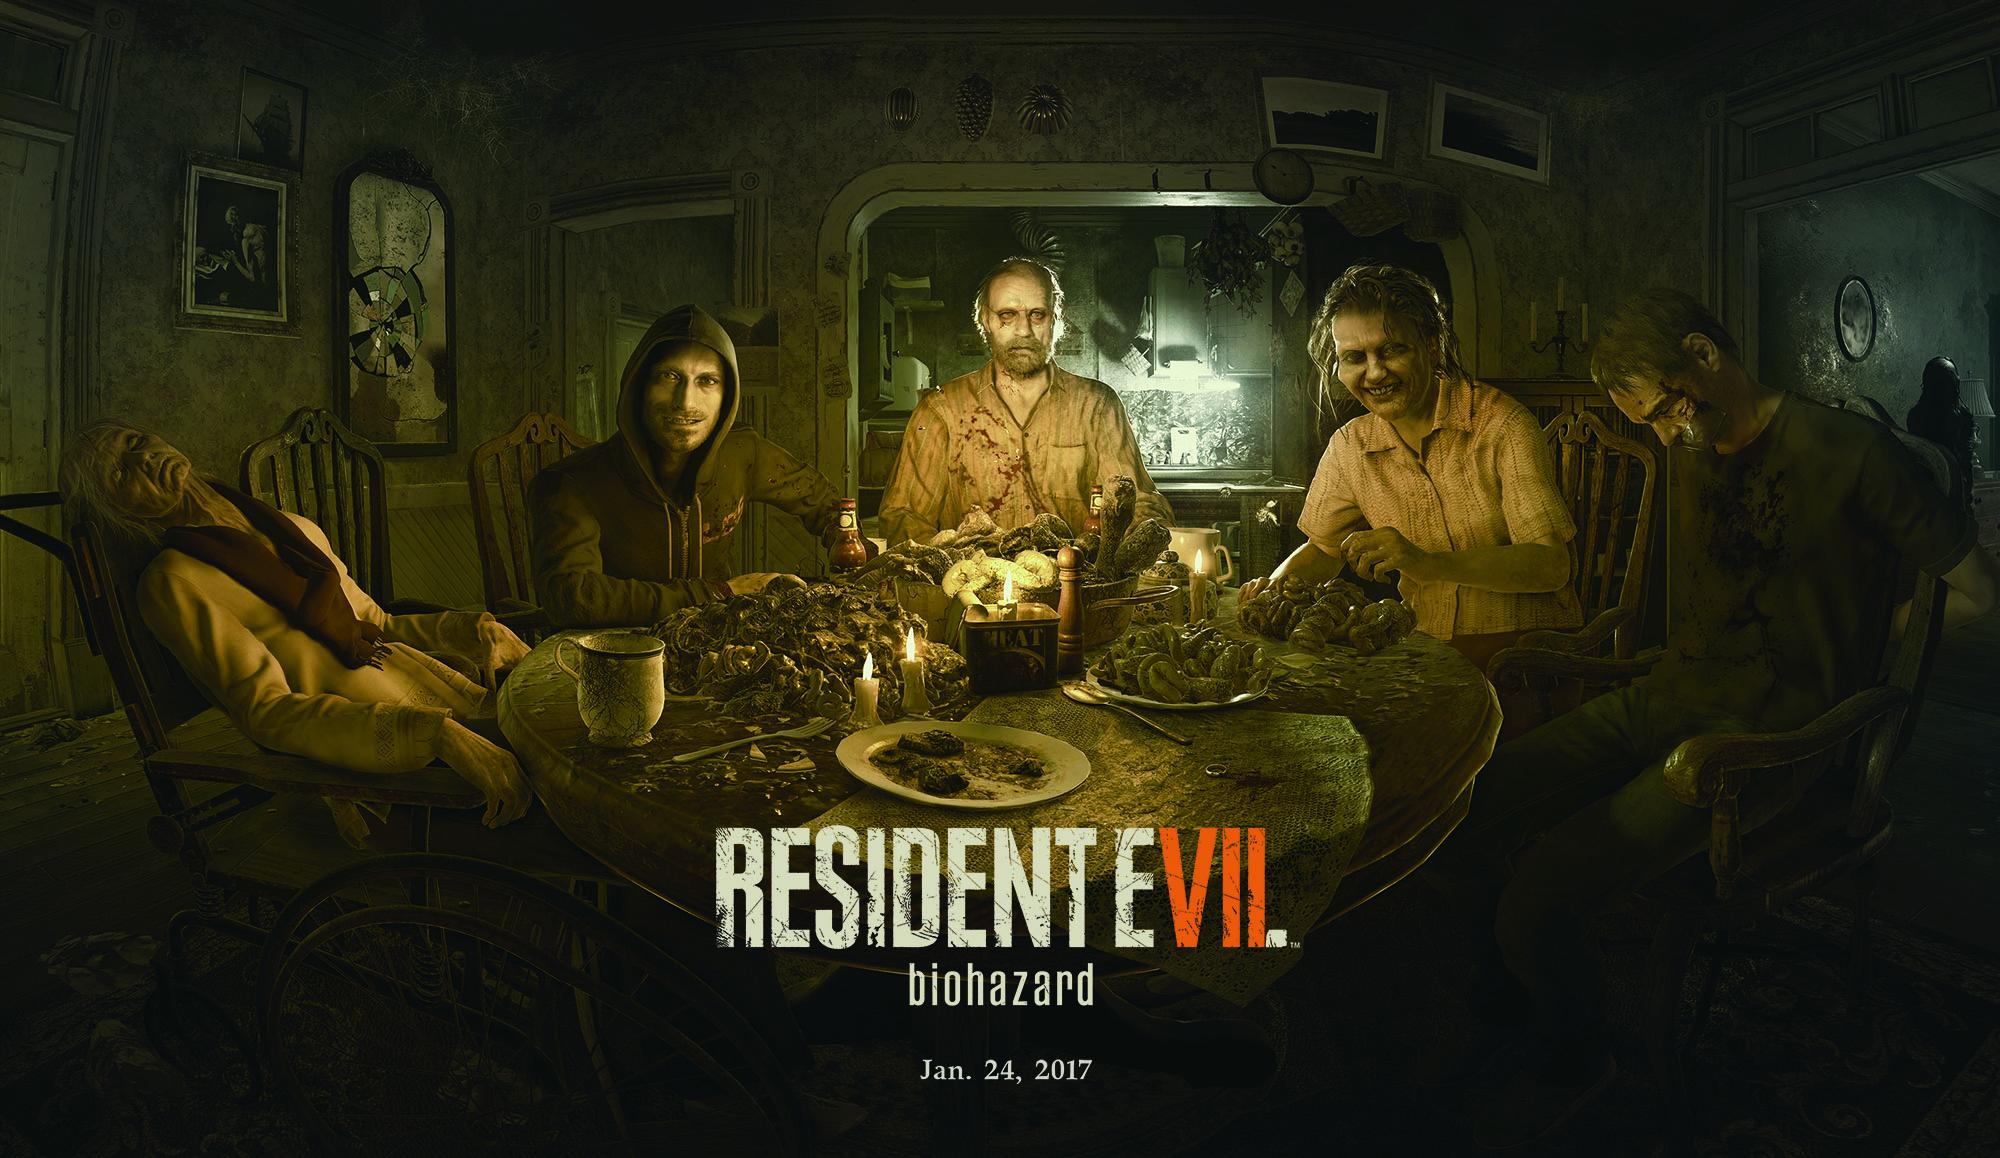 resident_evil_7_biohazard_01